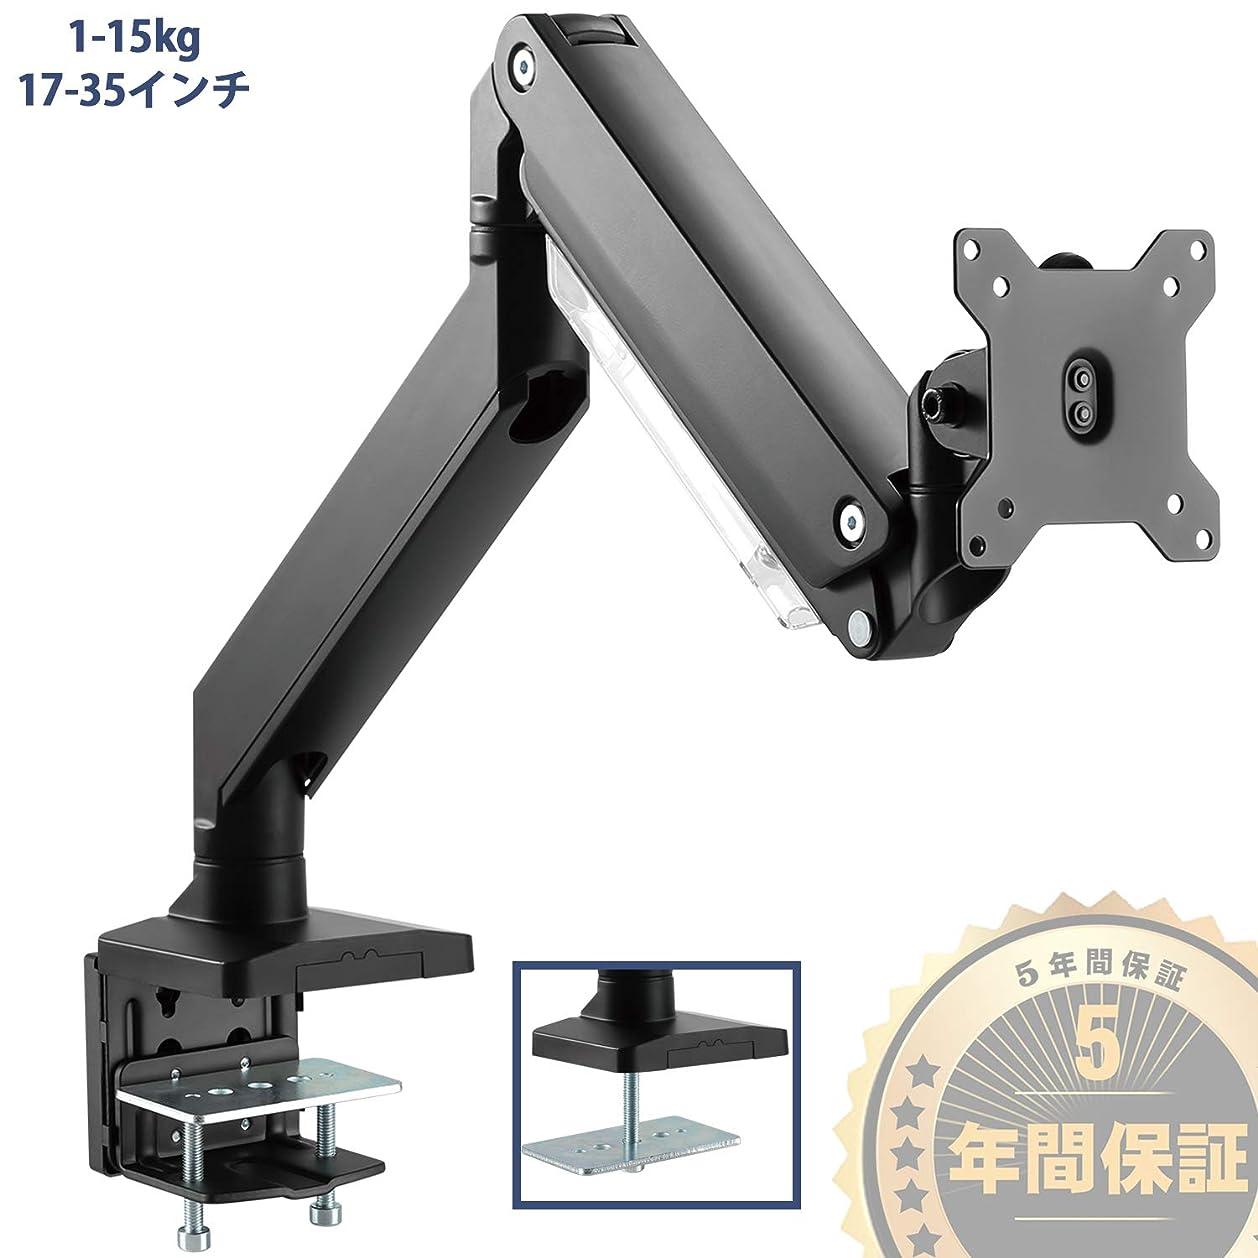 矢印分析する忌まわしいPC モニター アーム 液晶ディスプレイアーム ディスプレイスタンド ガス圧式 17~35インチ 1-15kg ZJ23-01 Accurtek